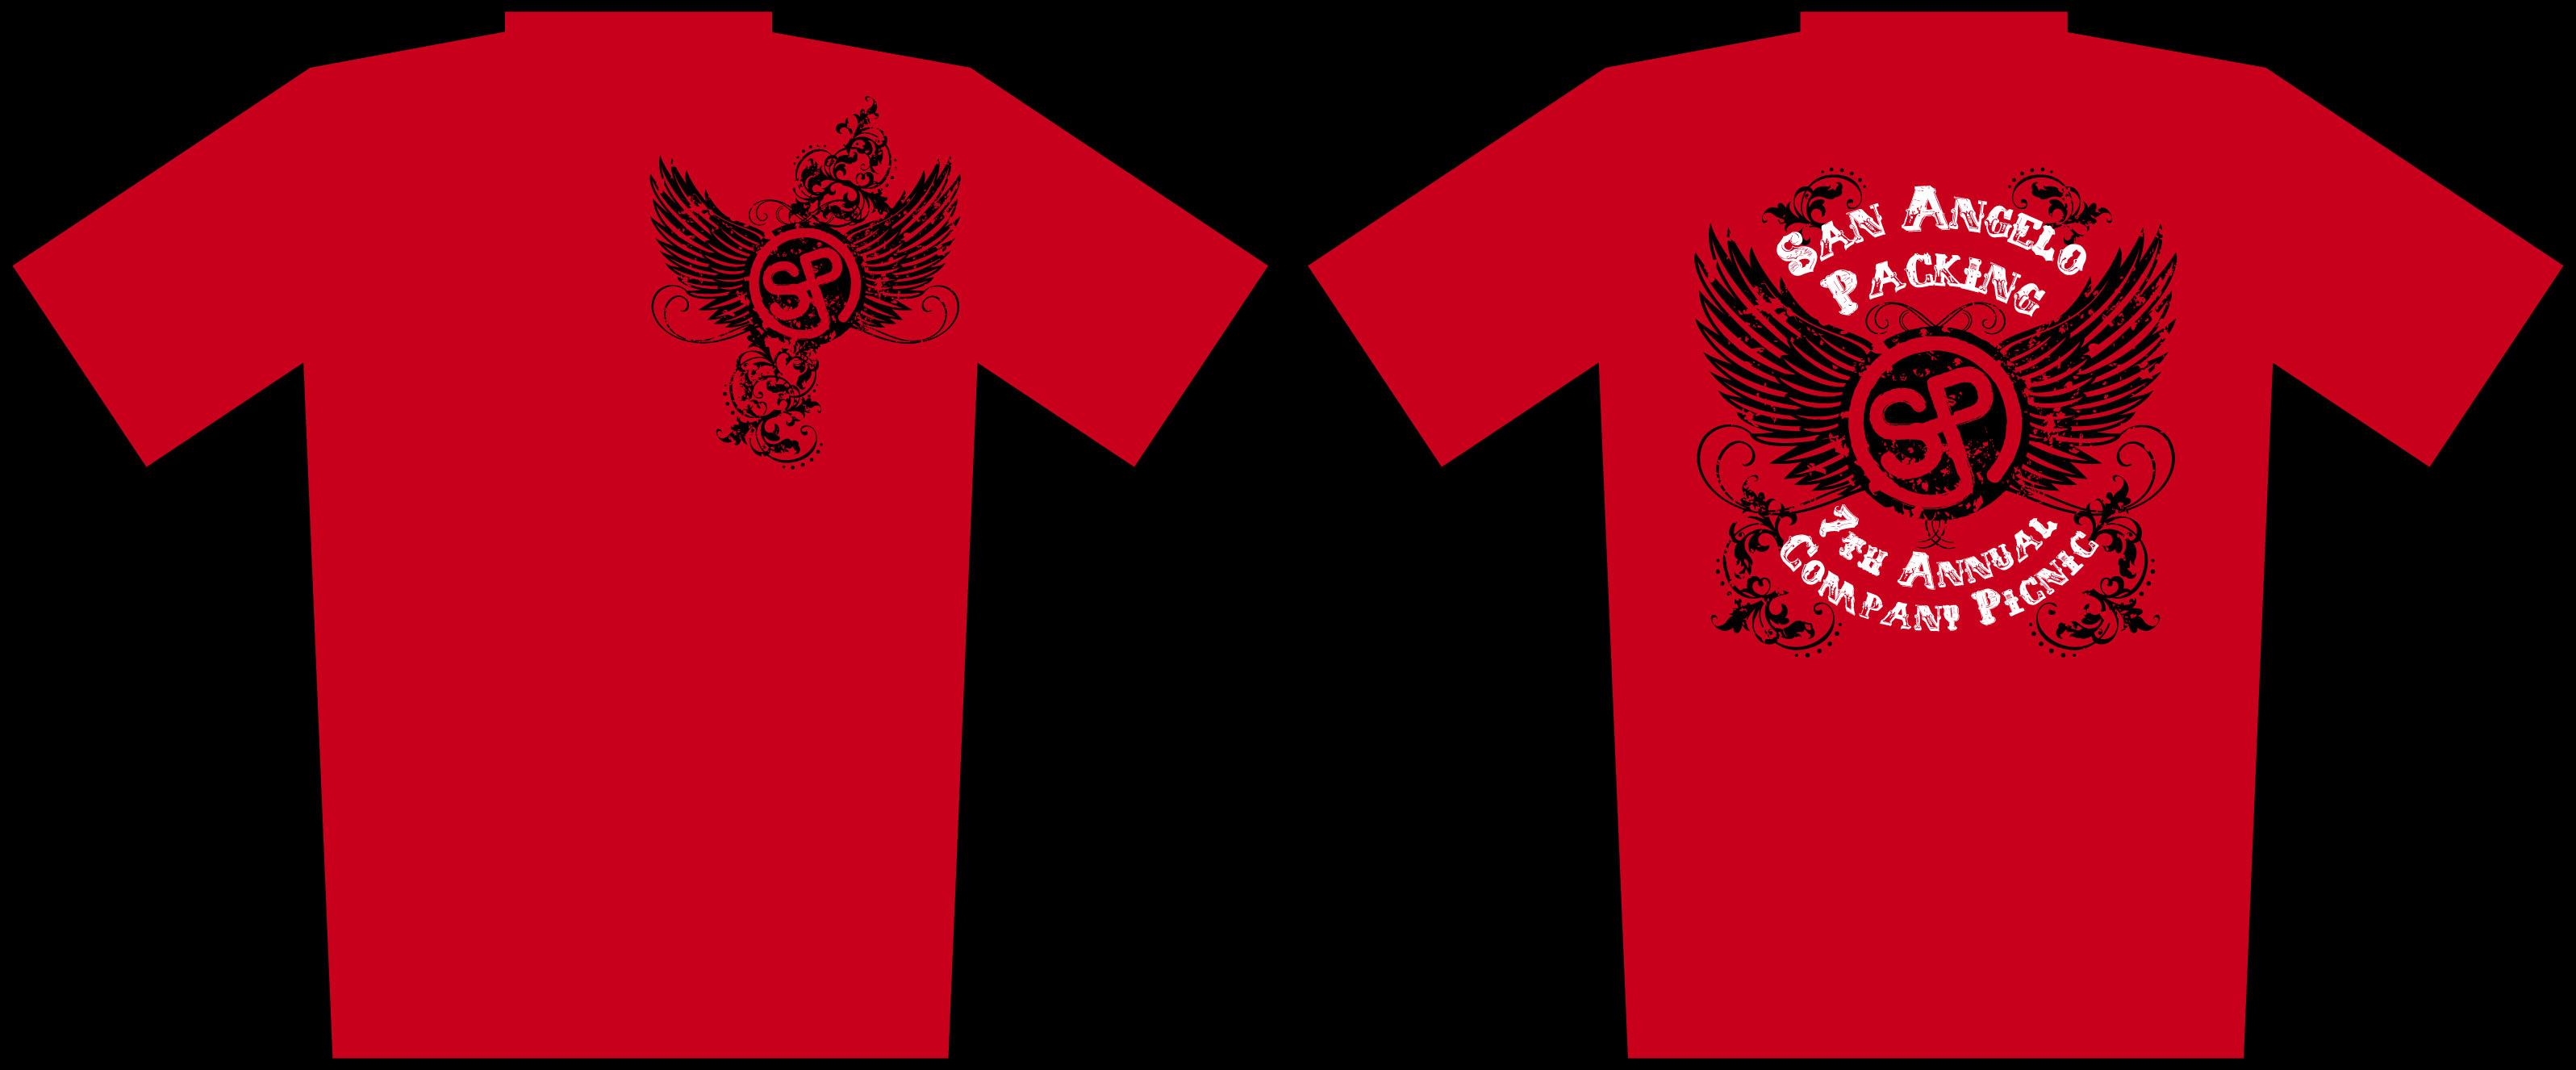 SA Packing T-Shirt